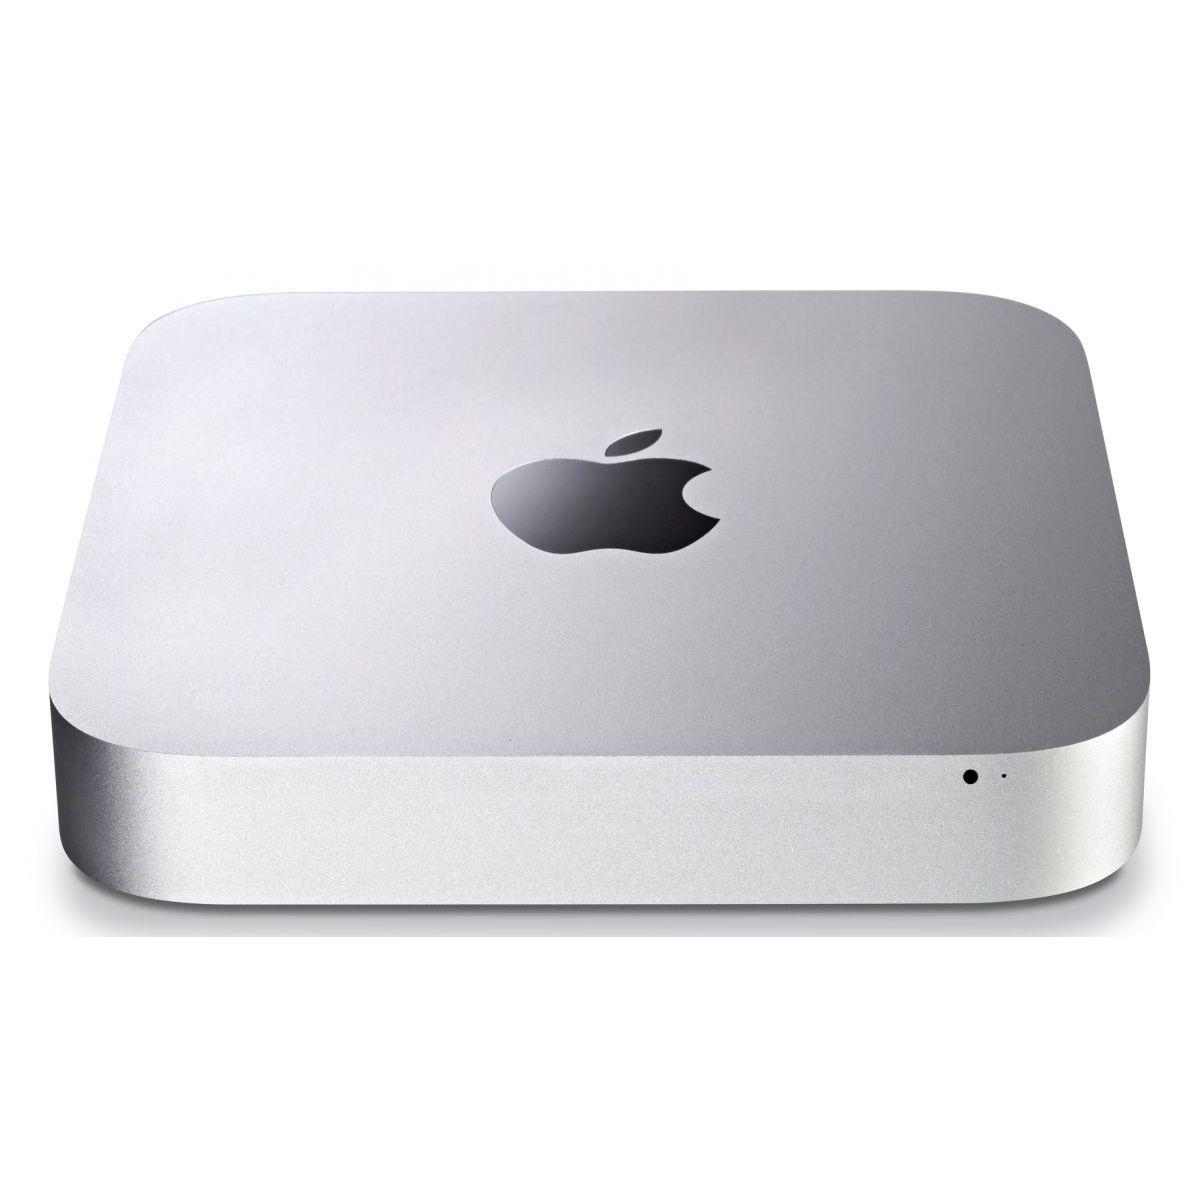 APPLE Mac Mini 1.4GHz 4Go 500Go - MGEM2F/A